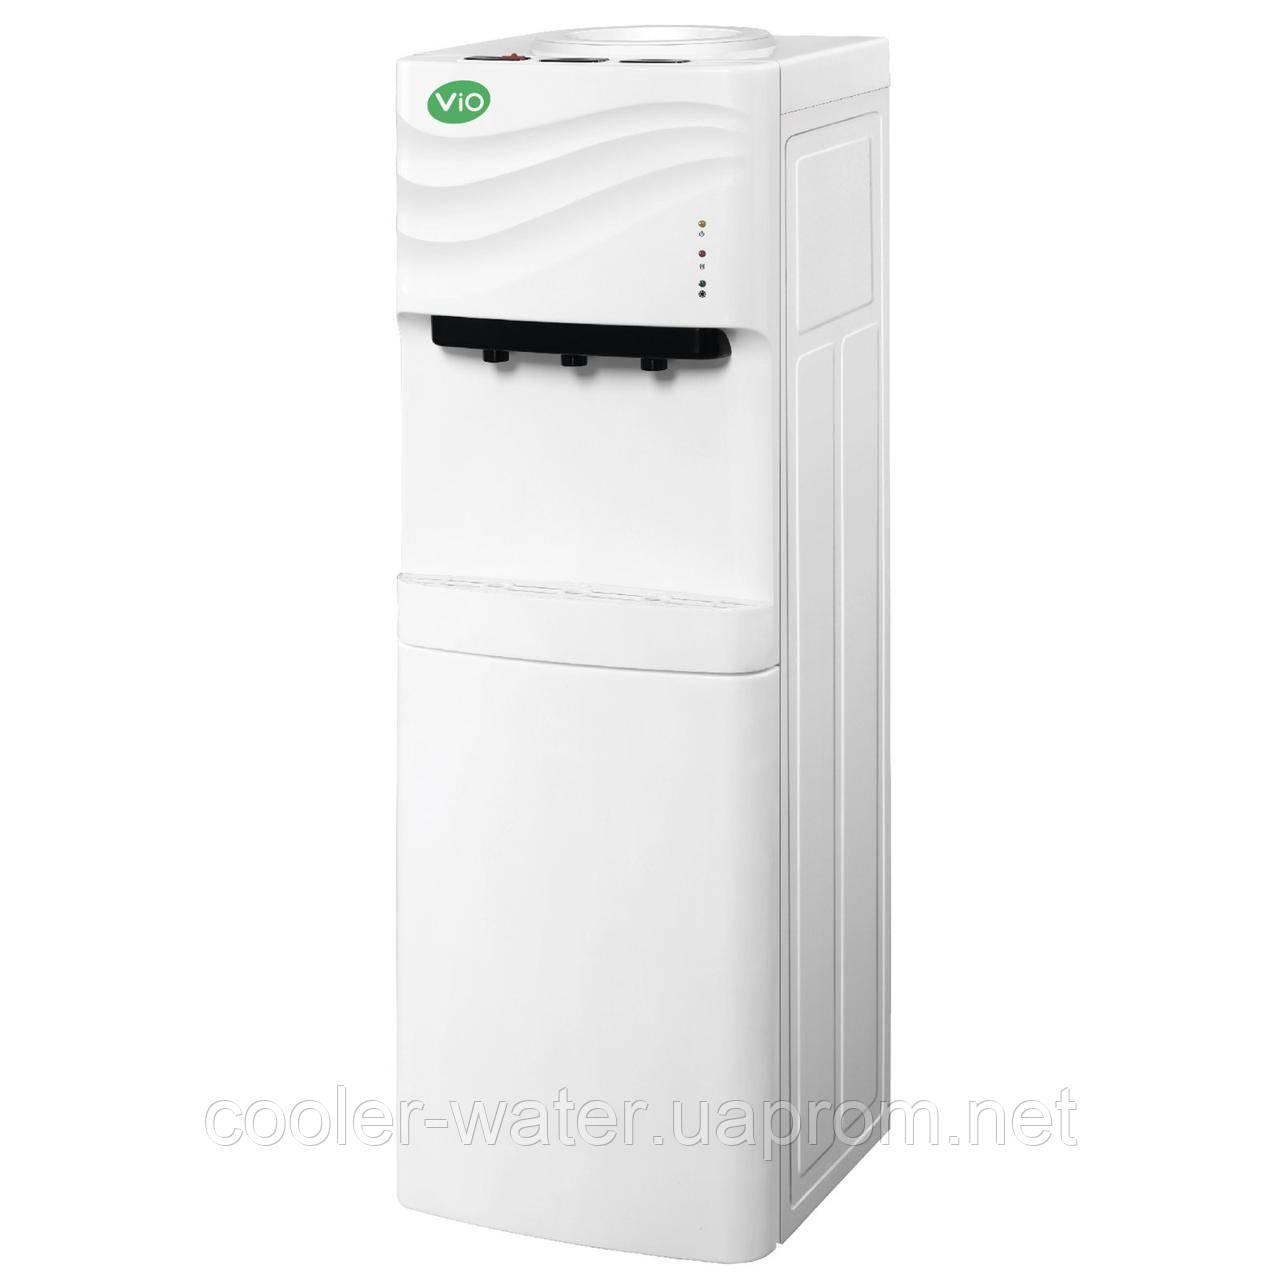 Кулер с компрессорным охлаждением и холодильником ViO X-903 FCF White